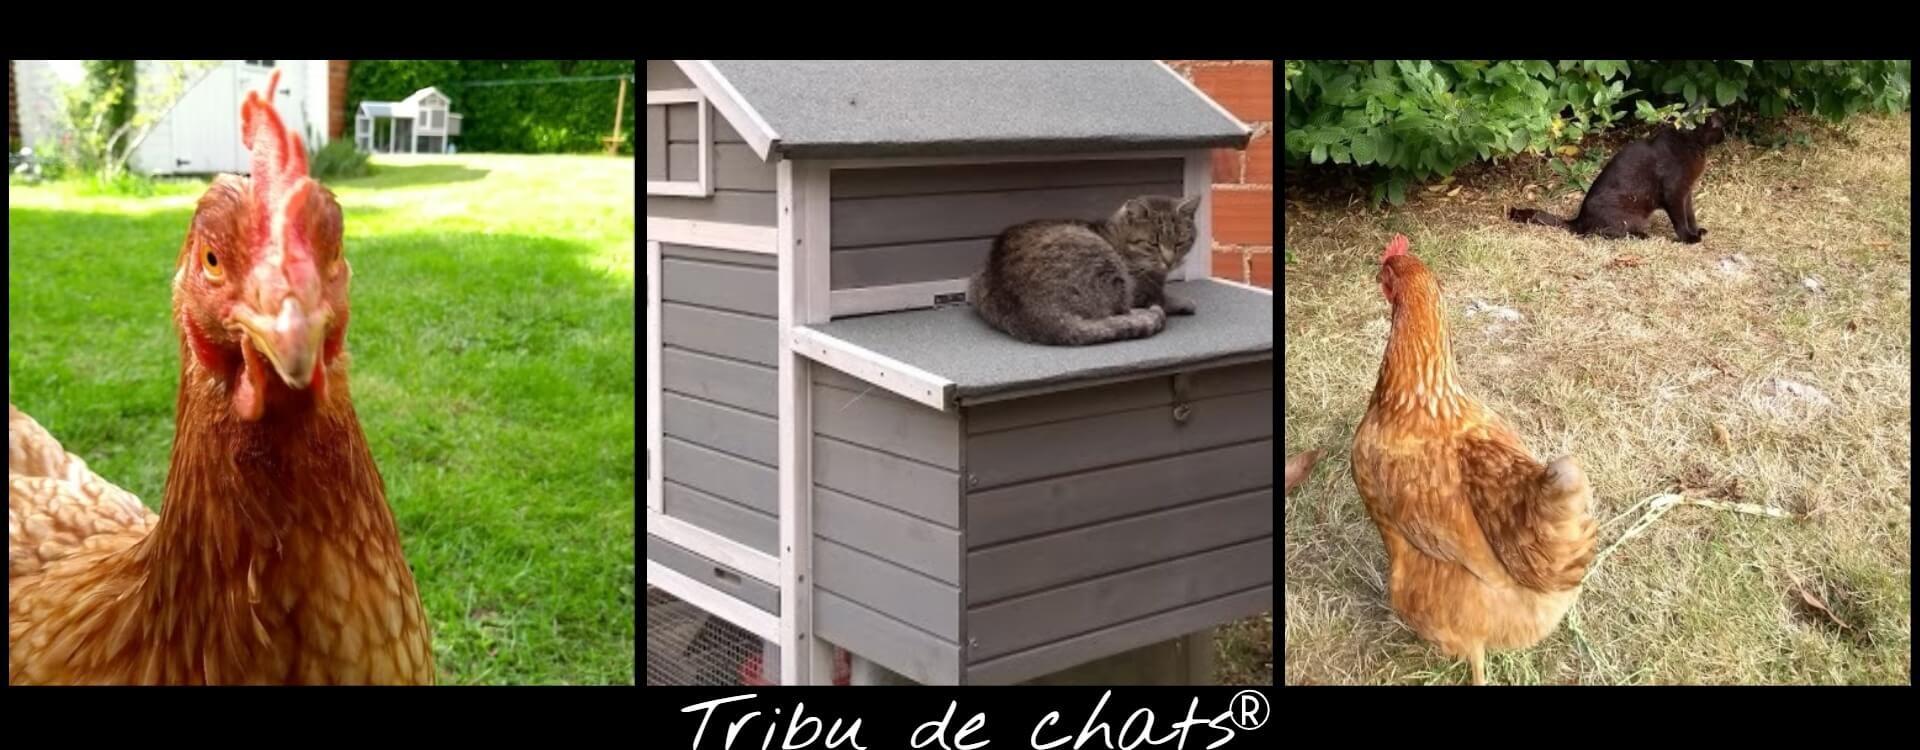 Les_poules_et_les_chats_chez_la_Tribu_de_chats